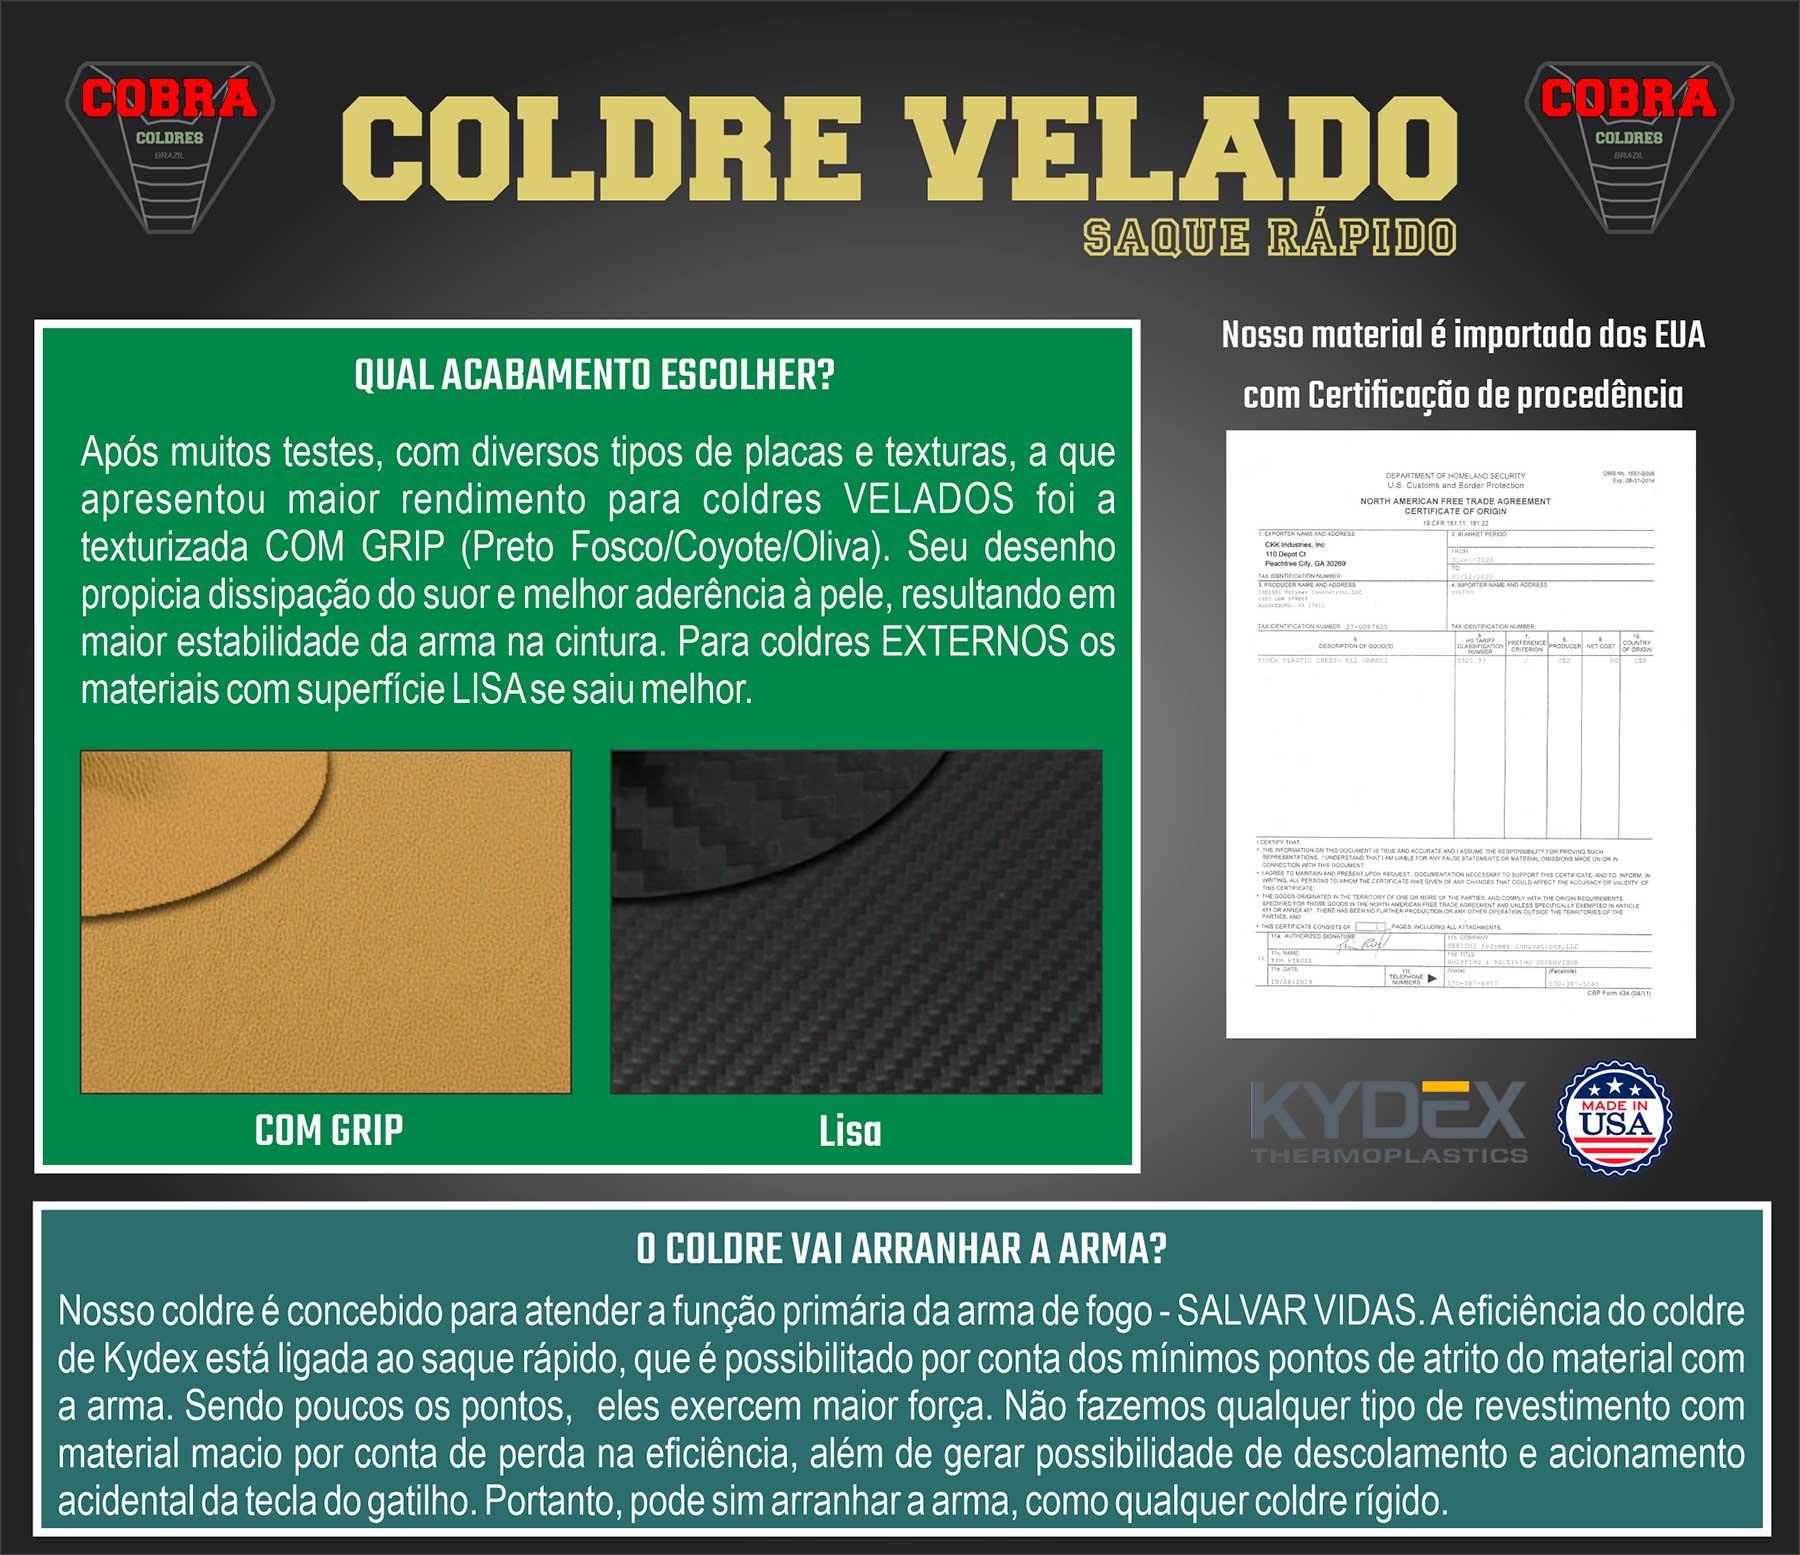 Coldre Cobra IWI [Masada] [IWI Masada] Saque Rápido Velado -  Kydex® 080